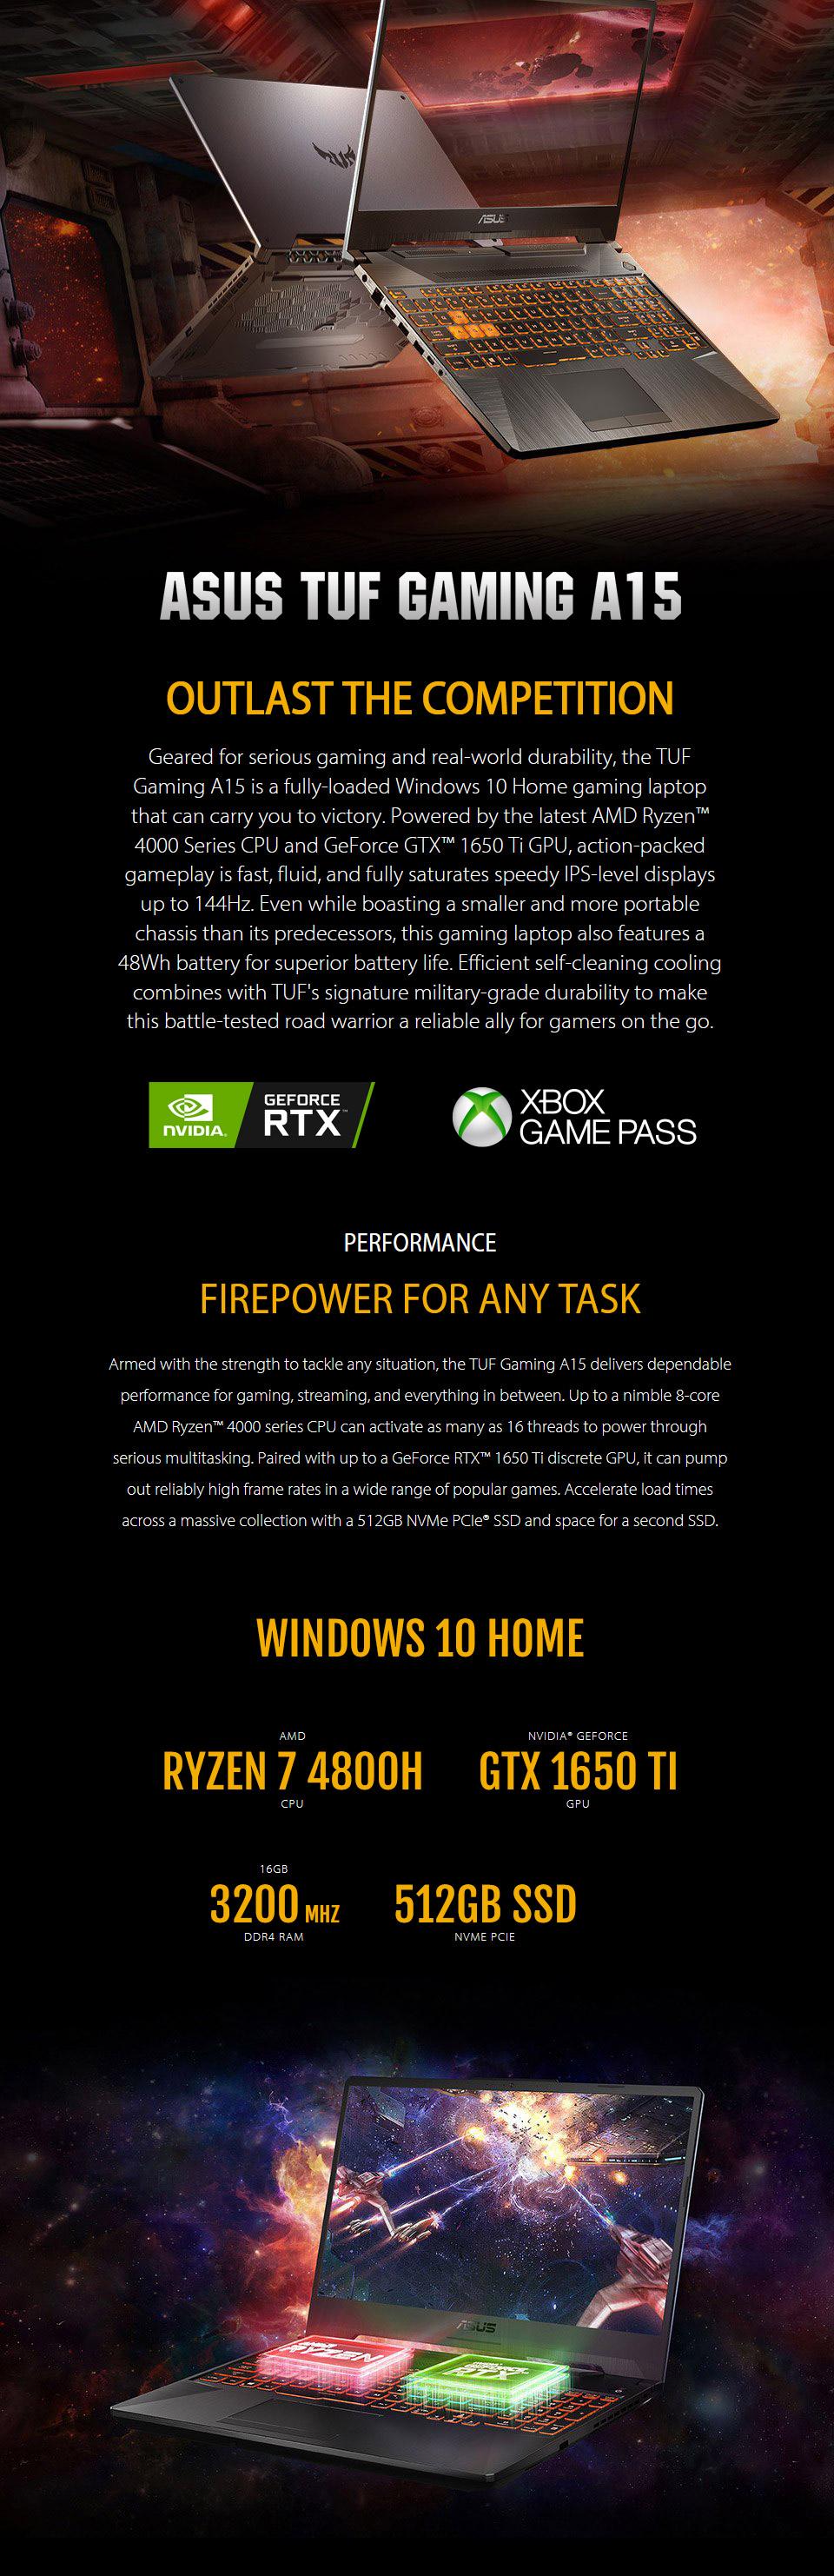 ASUS TUF AMD Ryzen 7 GeForce GTX 1650 Ti 15.6in 144Hz Notebook features